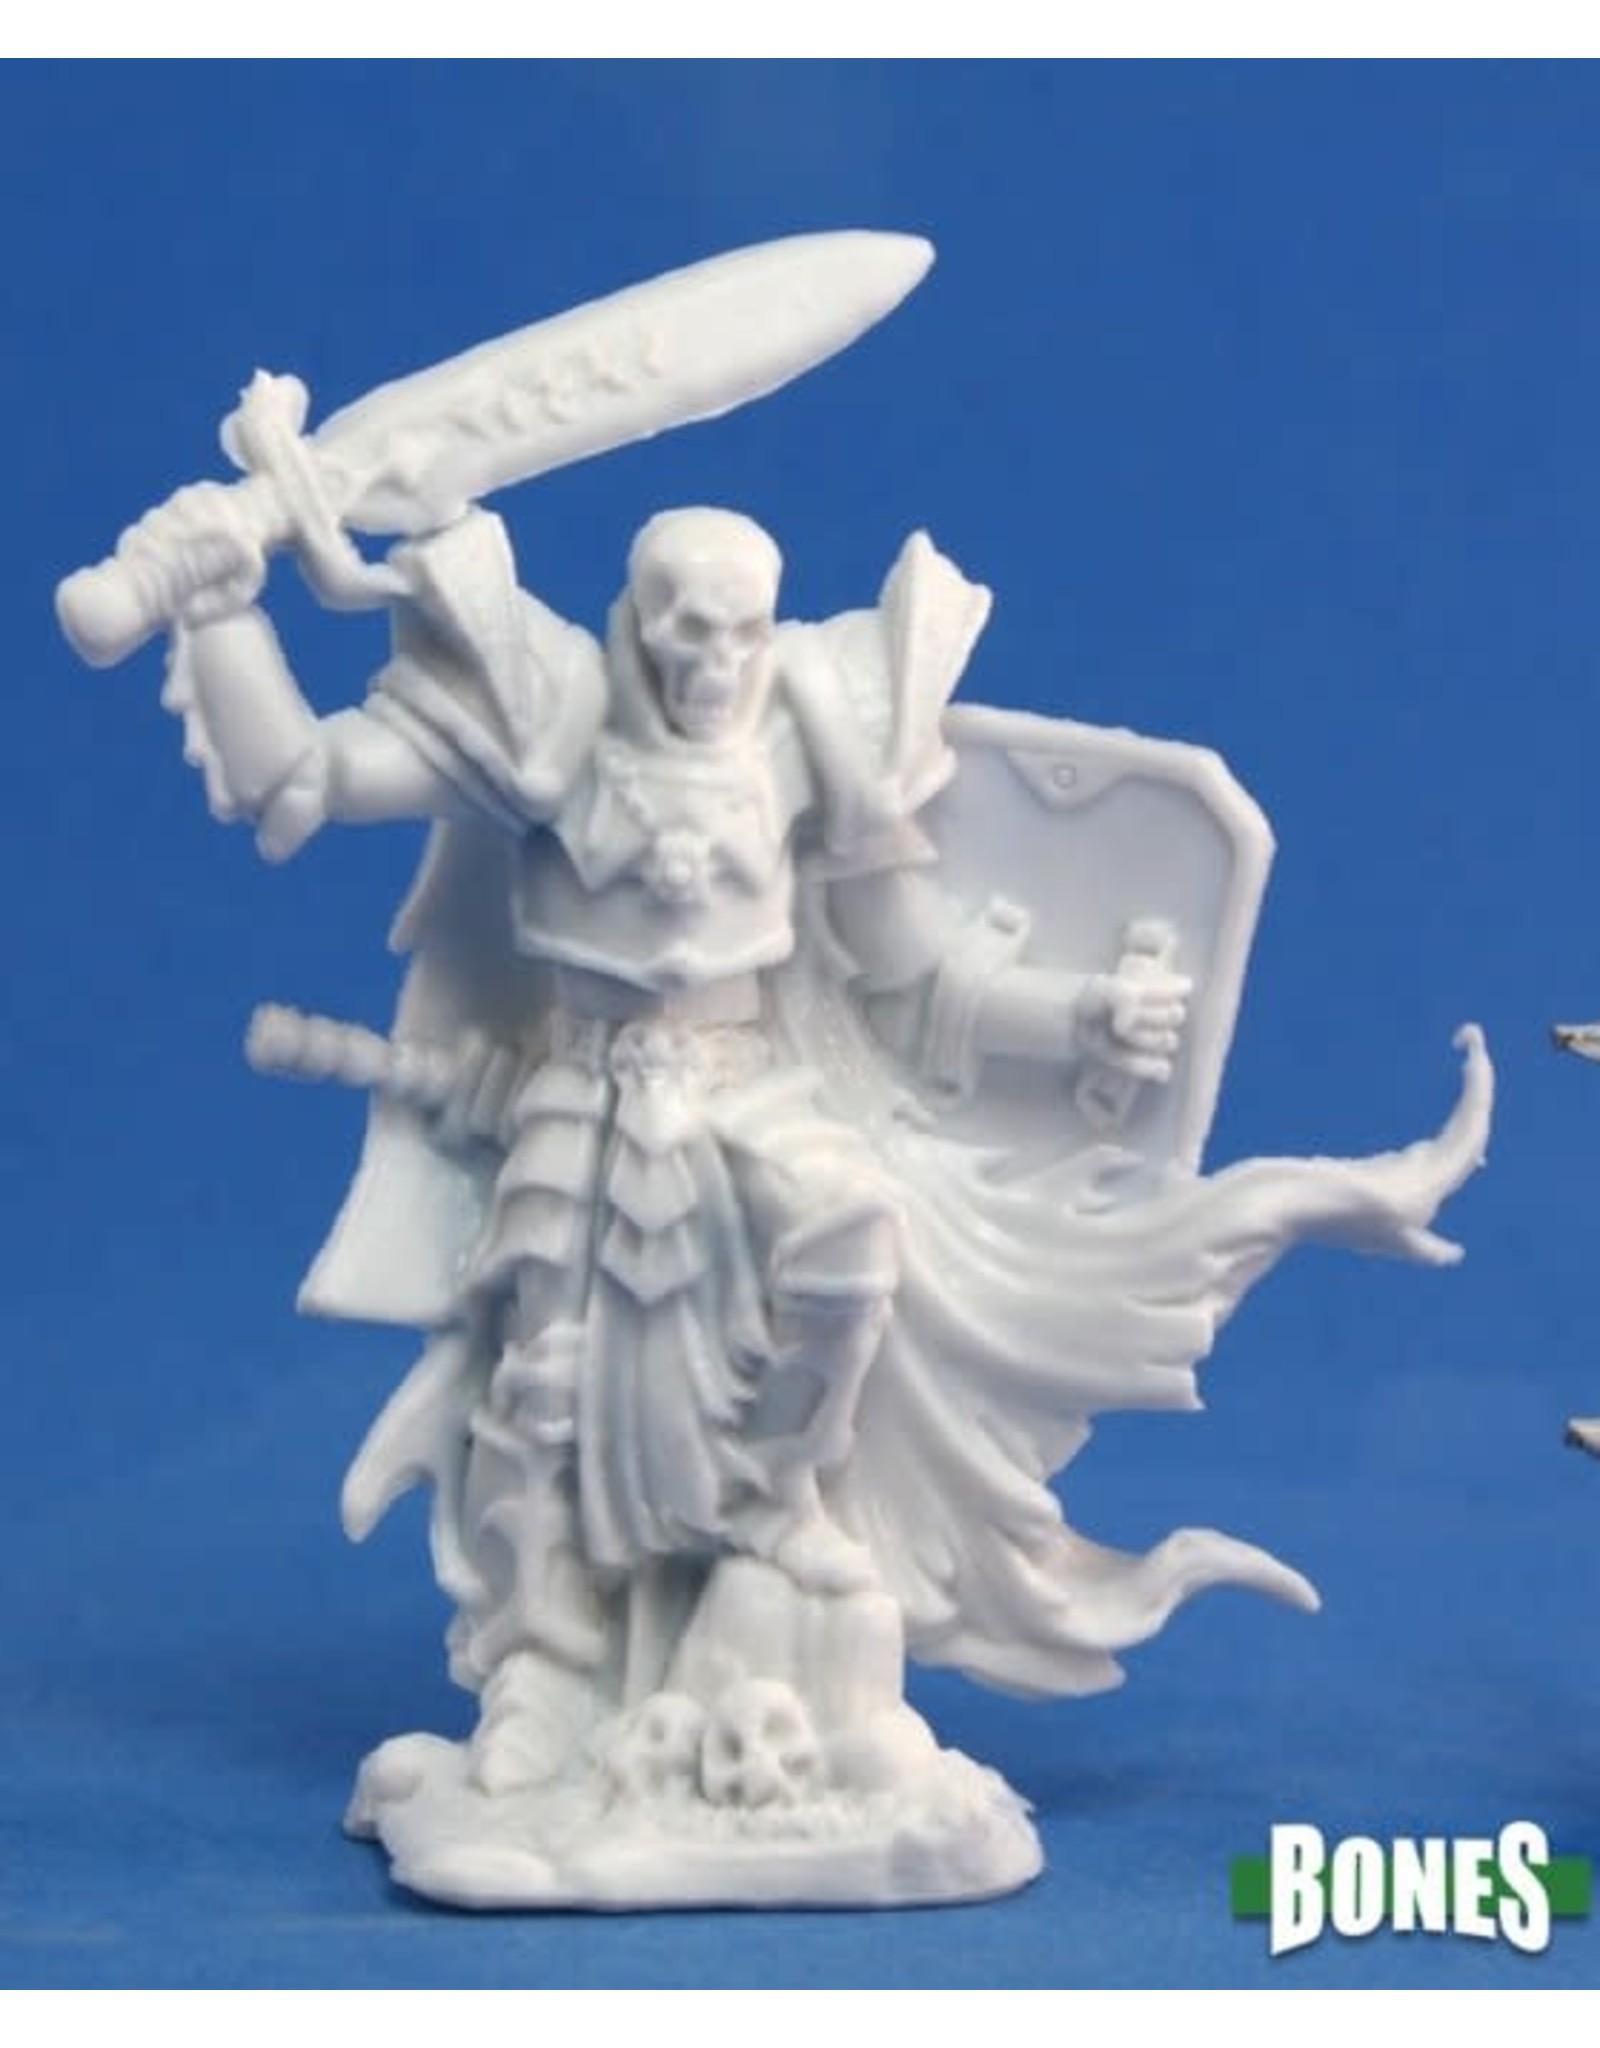 Reaper Miniatures Bones: Arrius, Skeletal Warrior